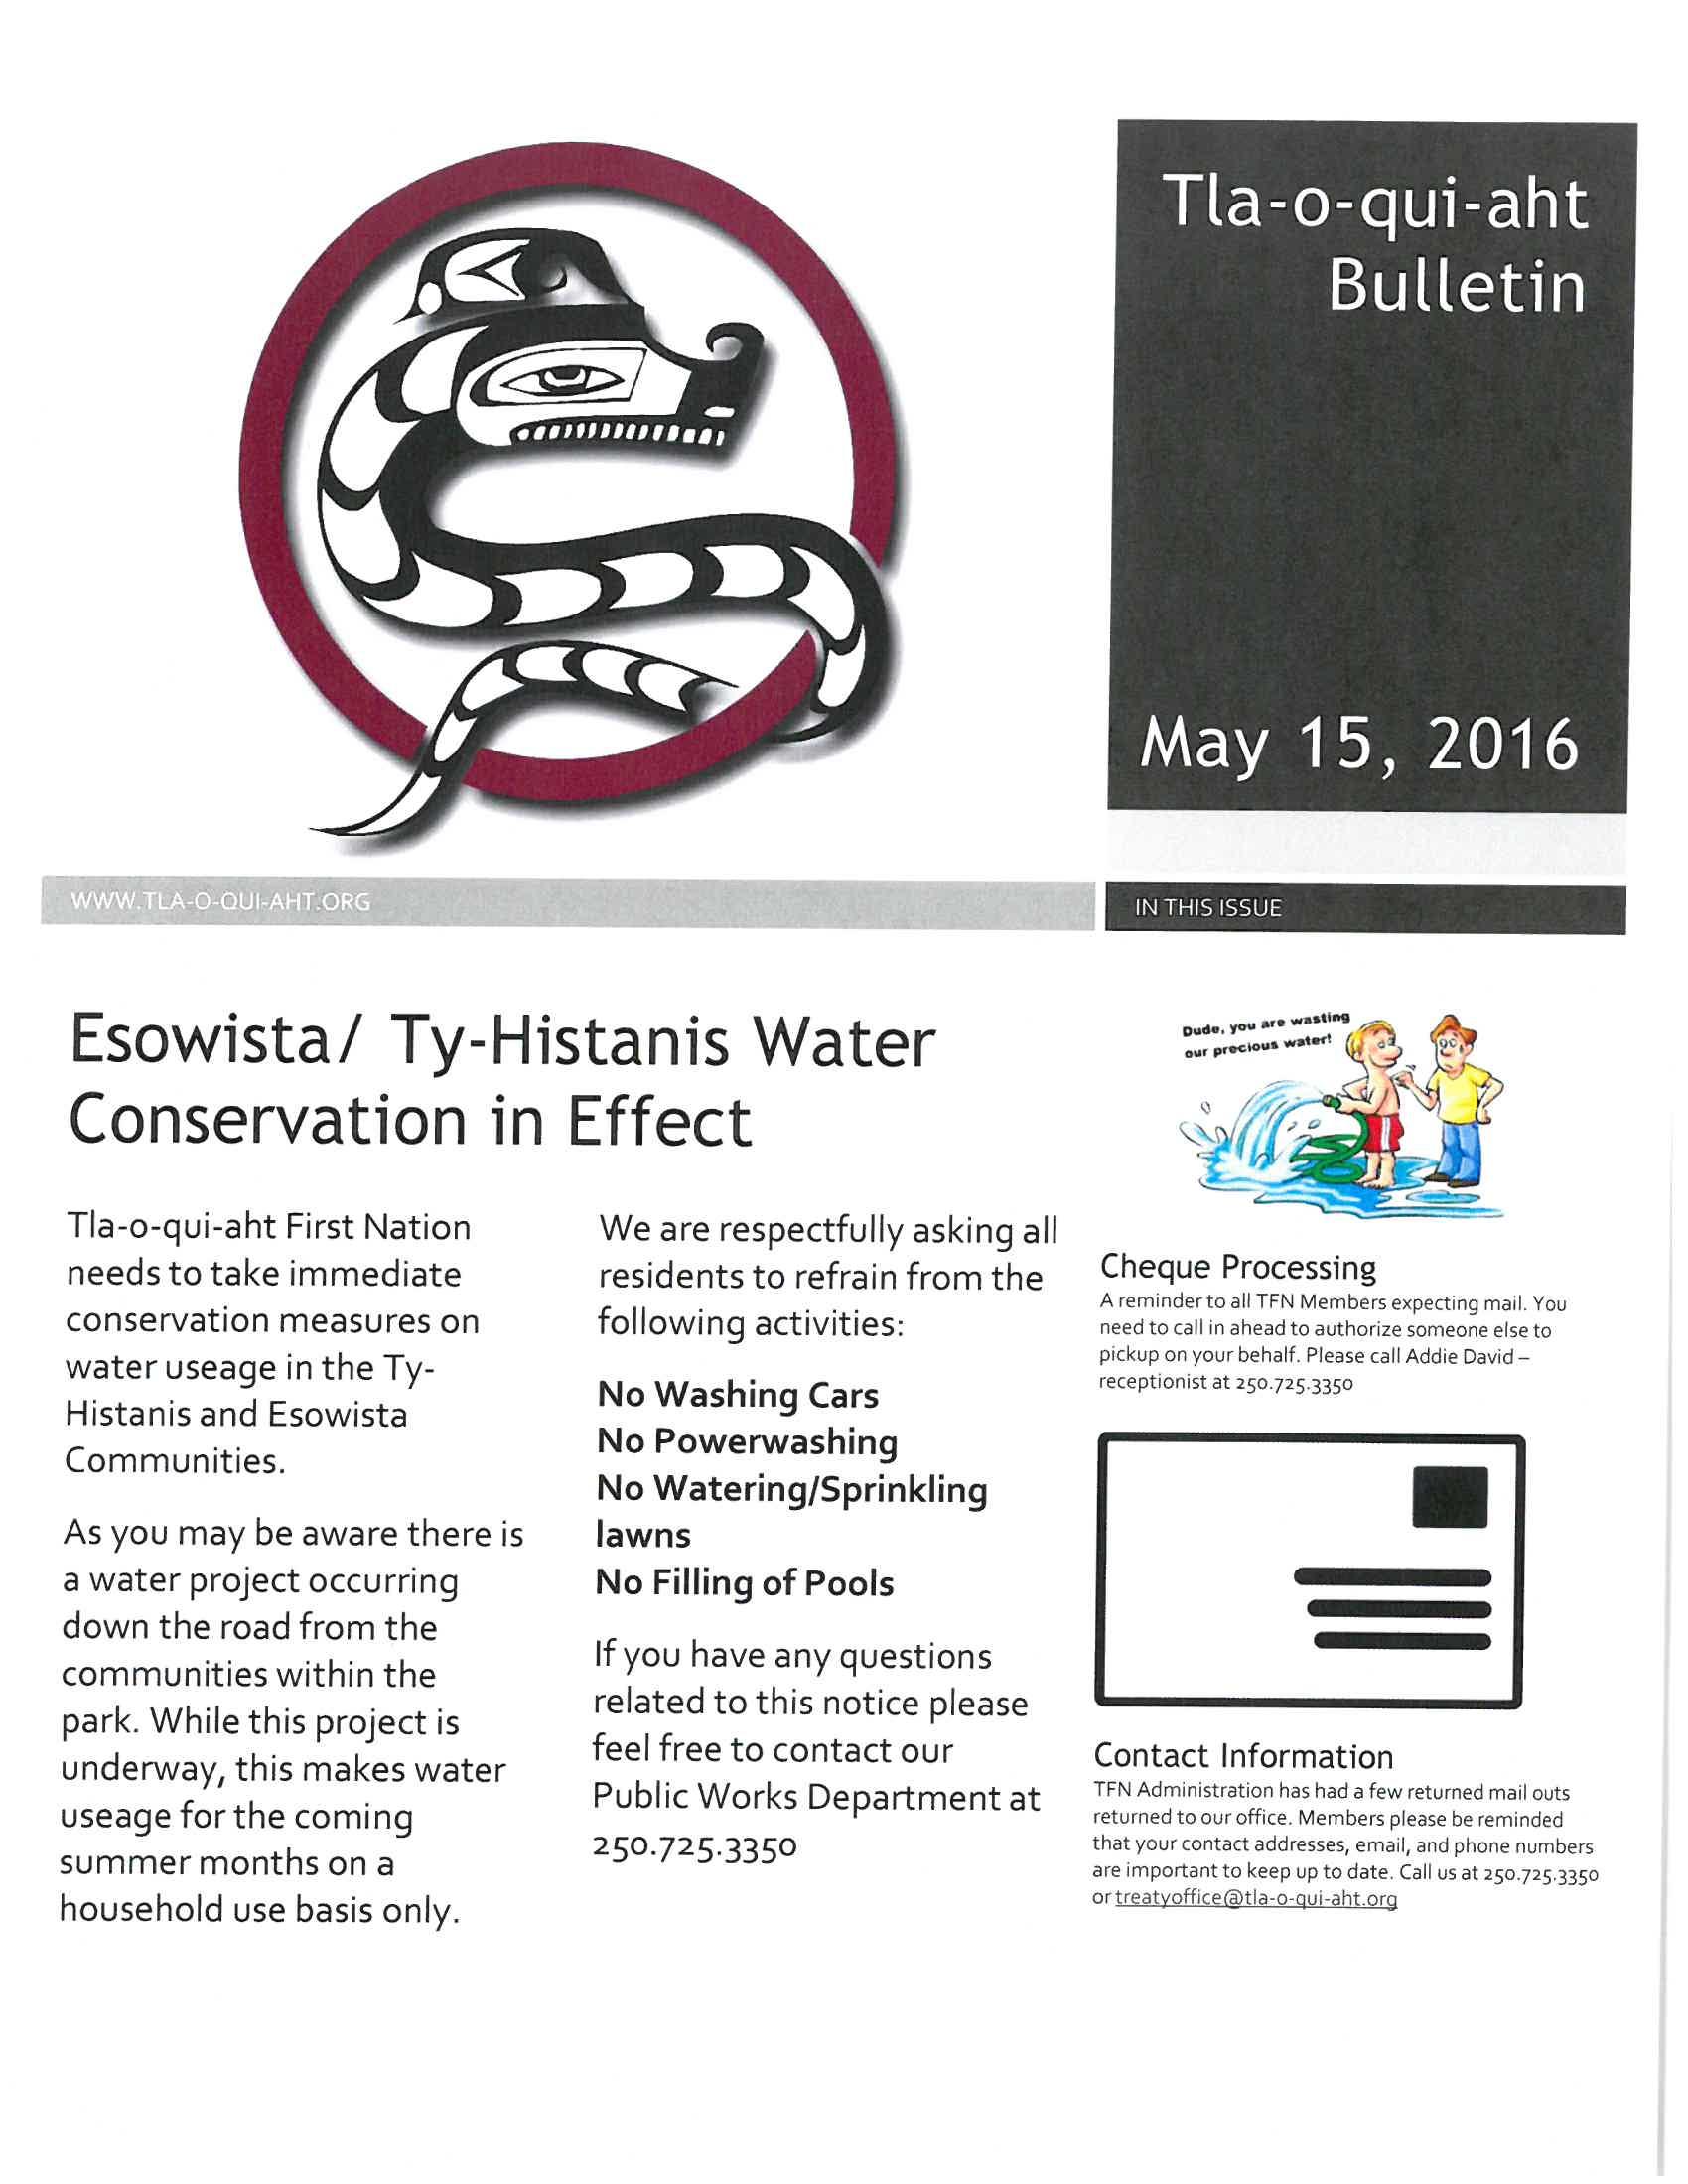 May 15, 2016 Bulletin_Page_01.jpg